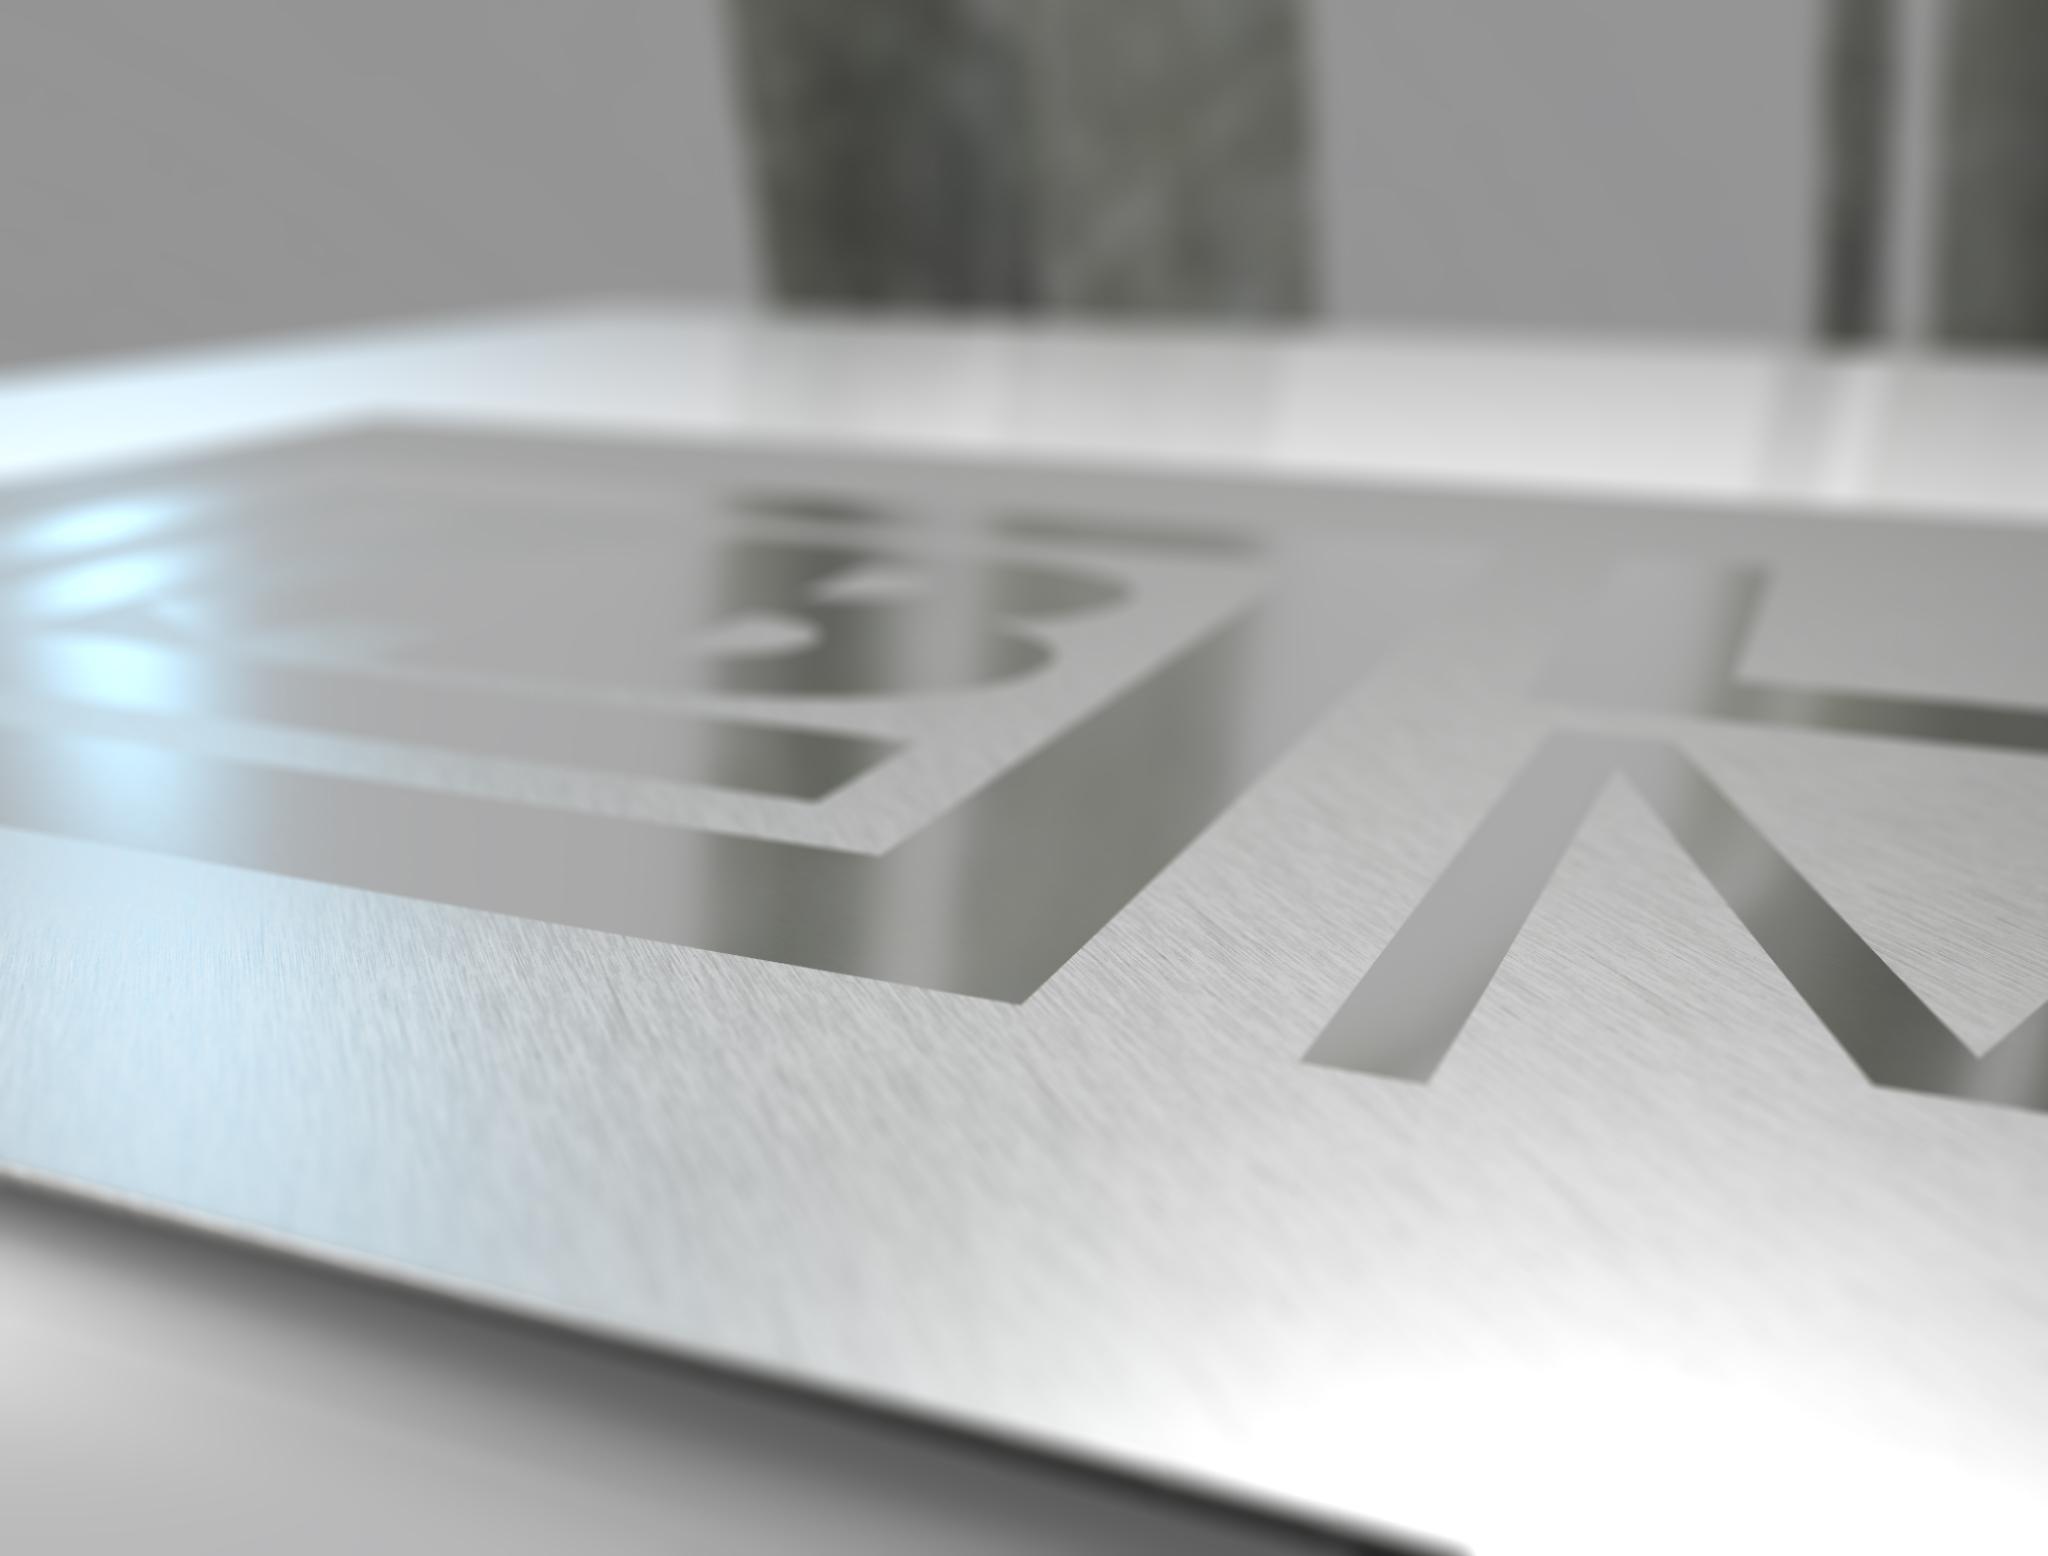 Nerezová ocel broušená: Technologii broušení provádíme na supermirror (zrcadlový) plech. Na povrchu ...